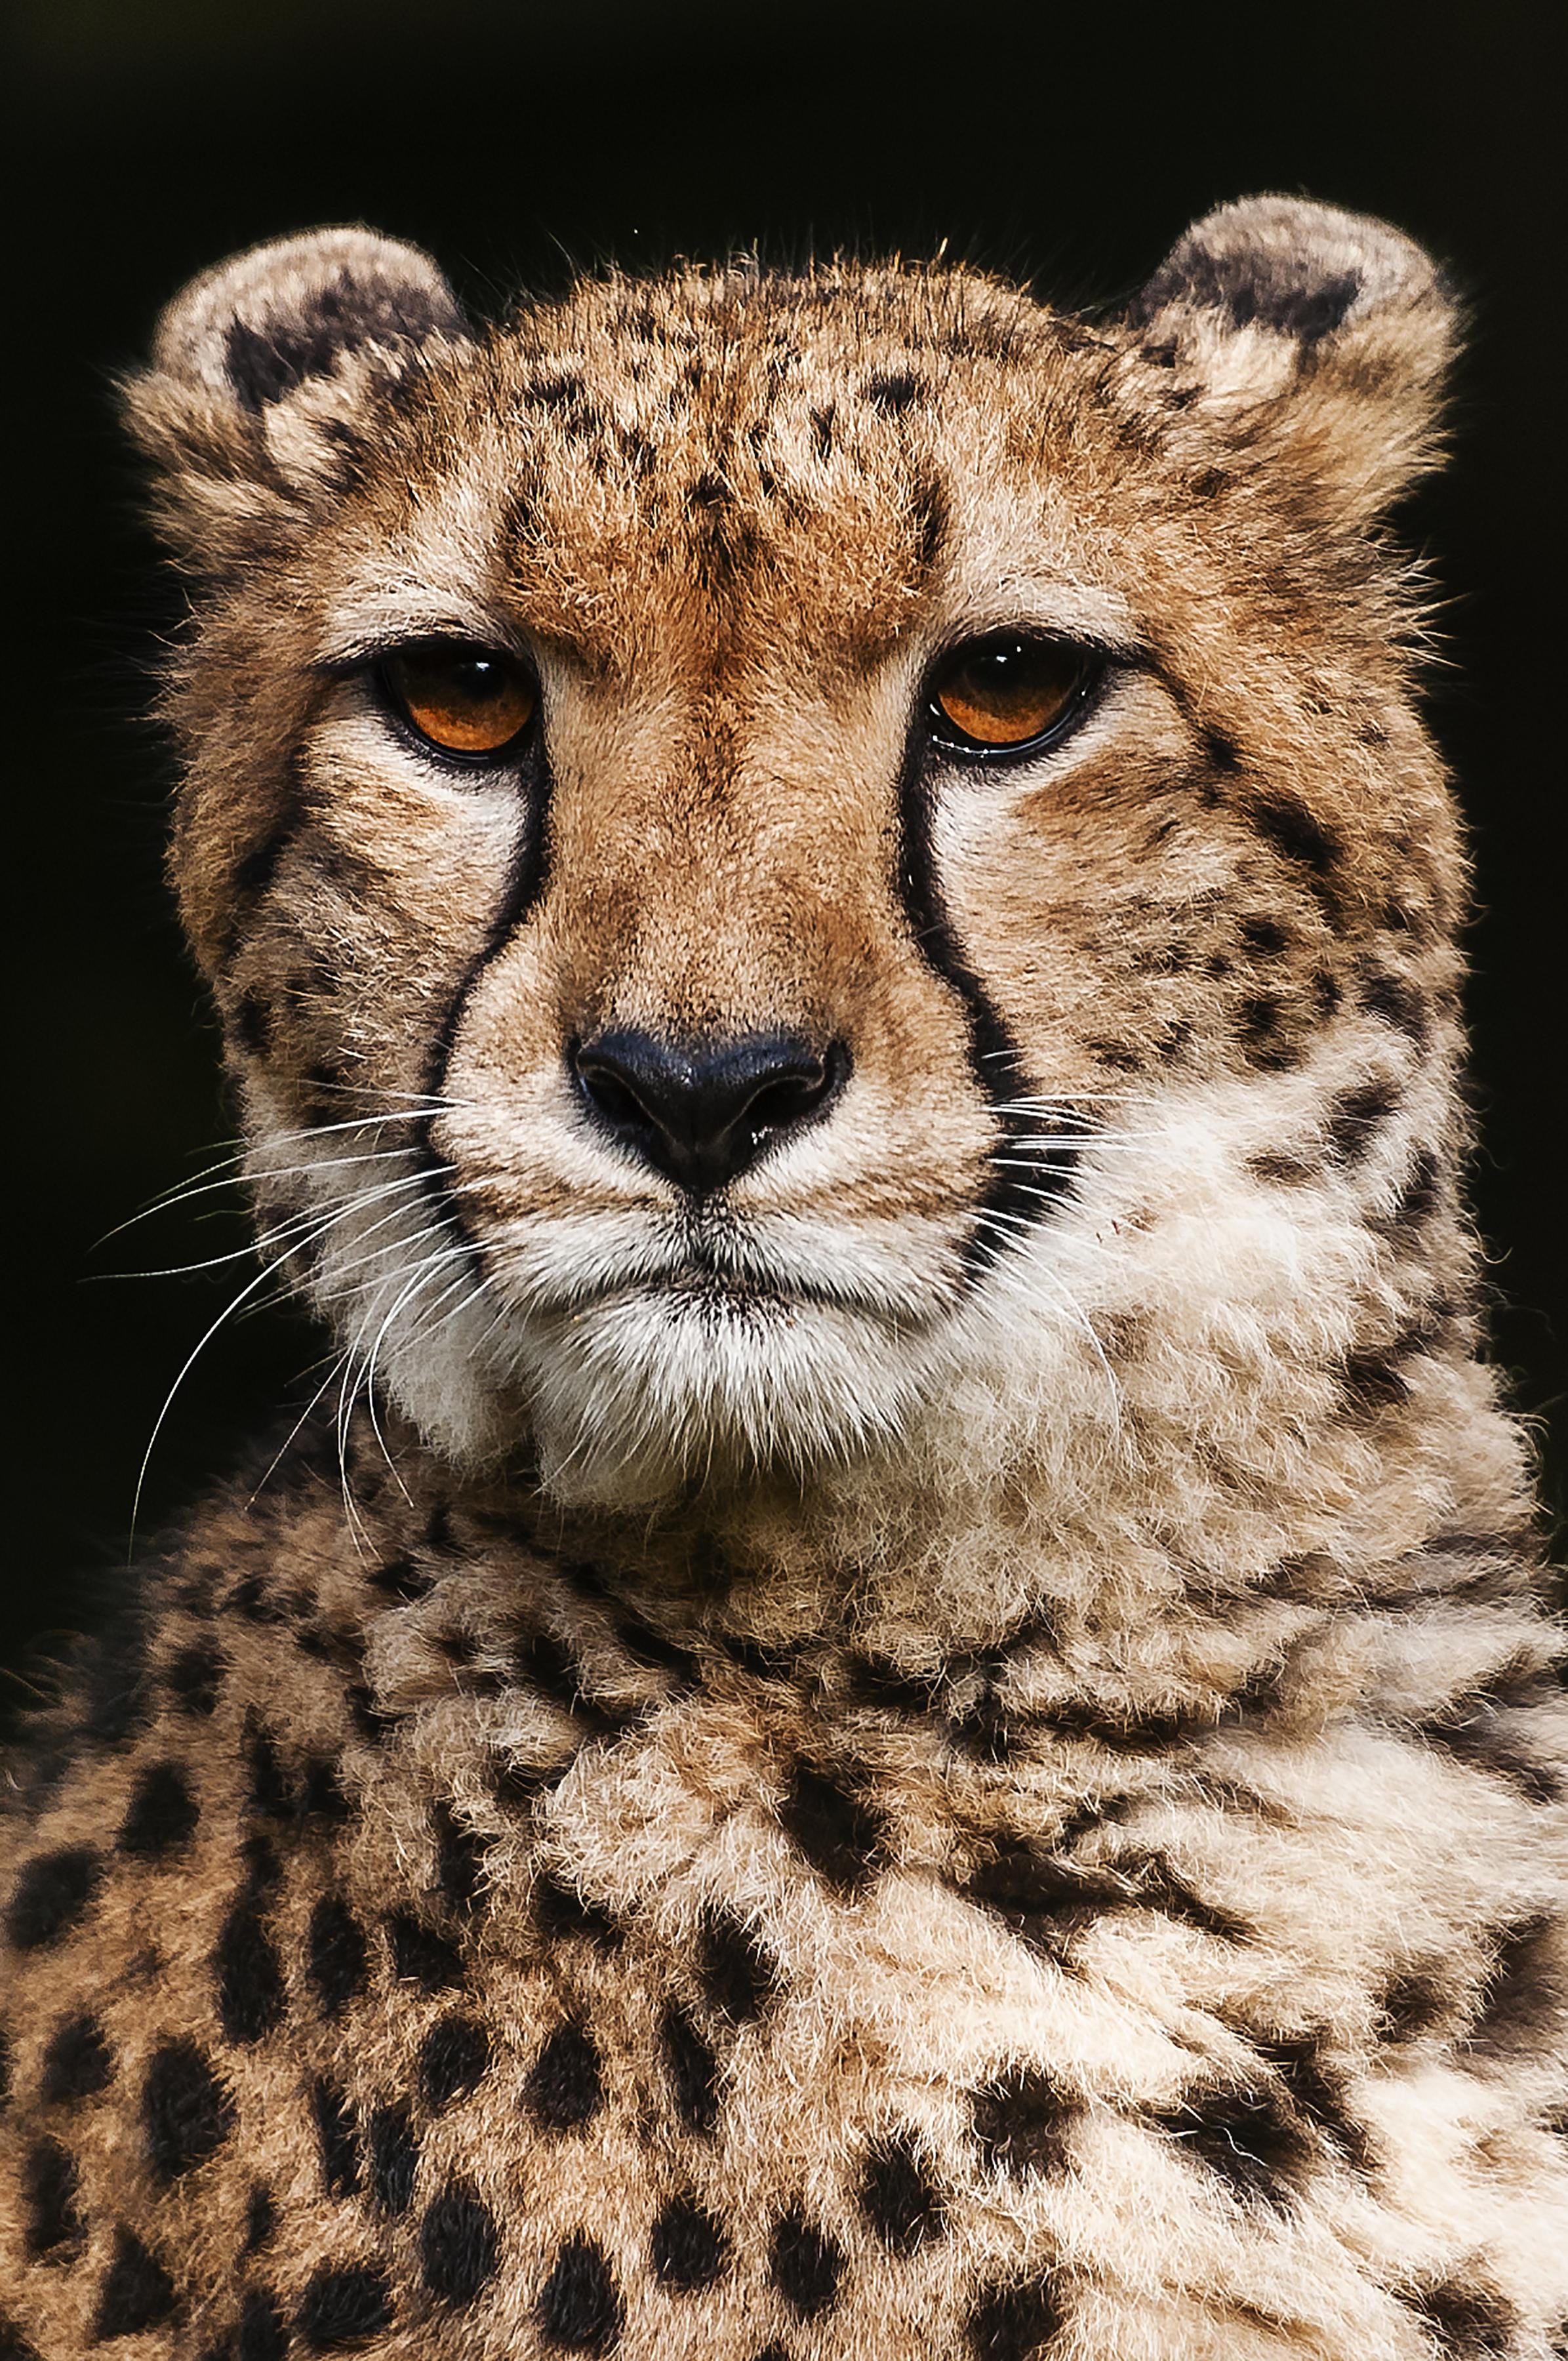 Cheetah_DSC6472Cr